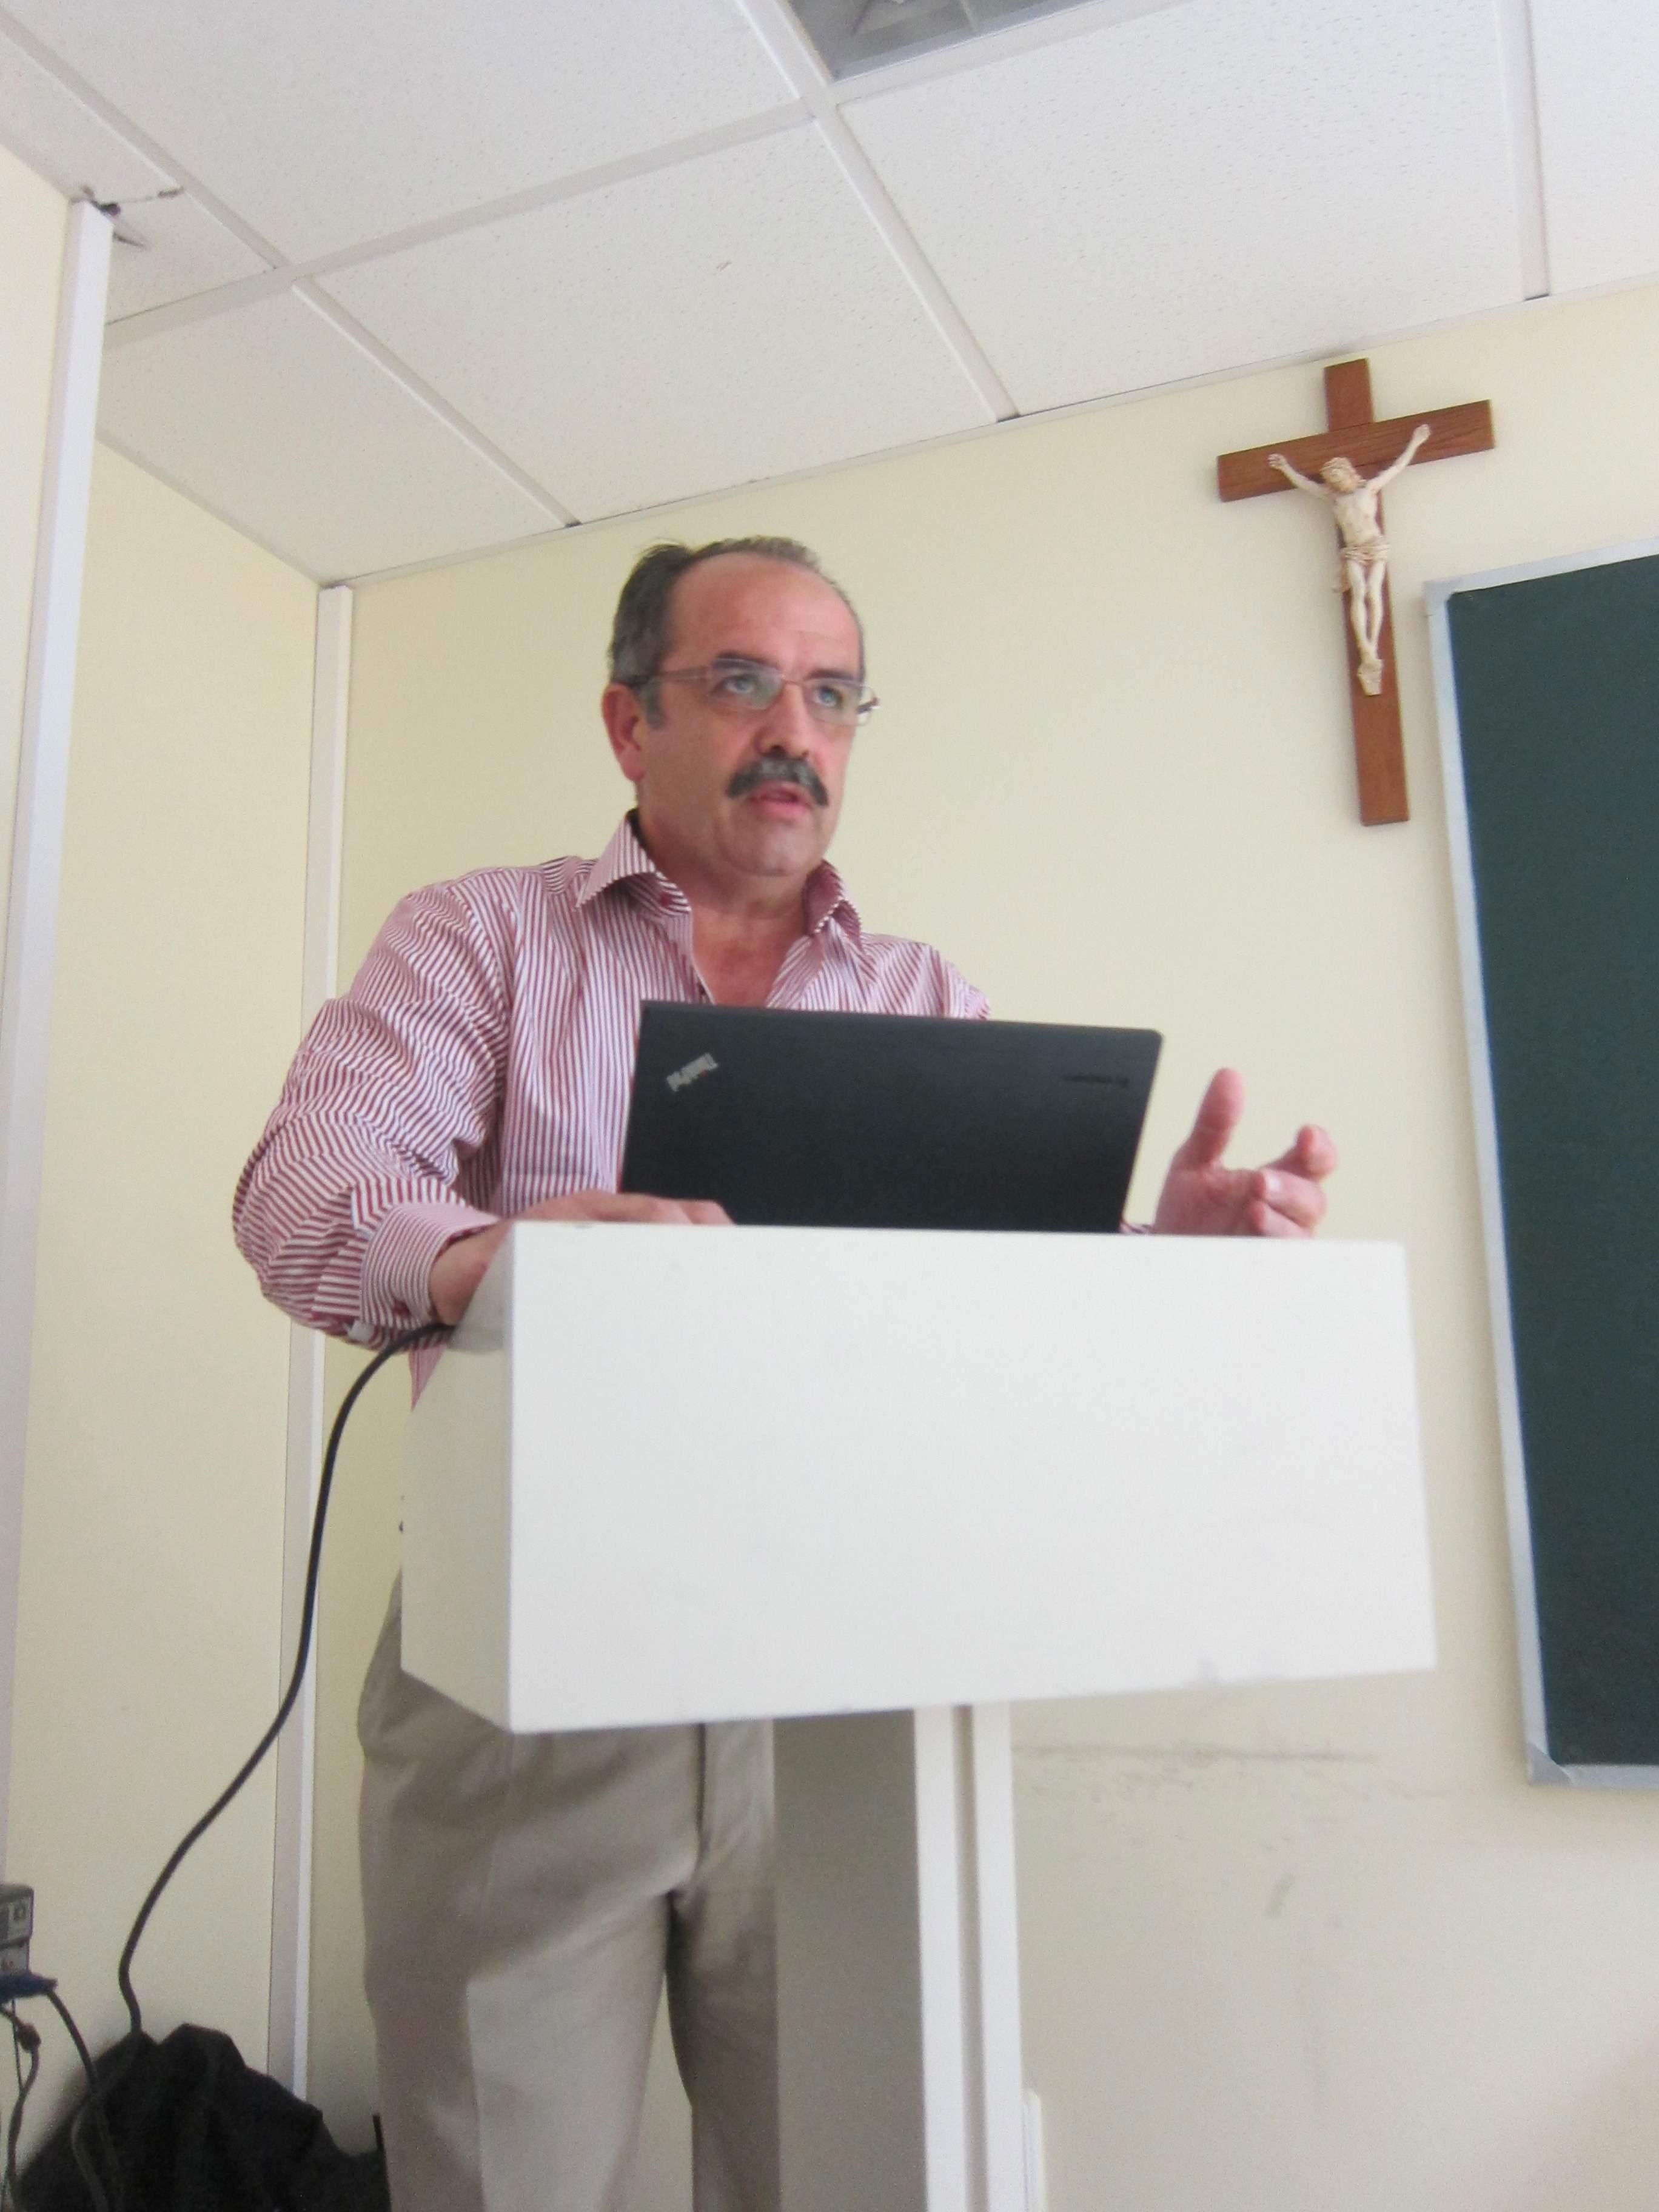 dr alejandro espejo baena meeting lca g lock stryker madrid mayo 2012